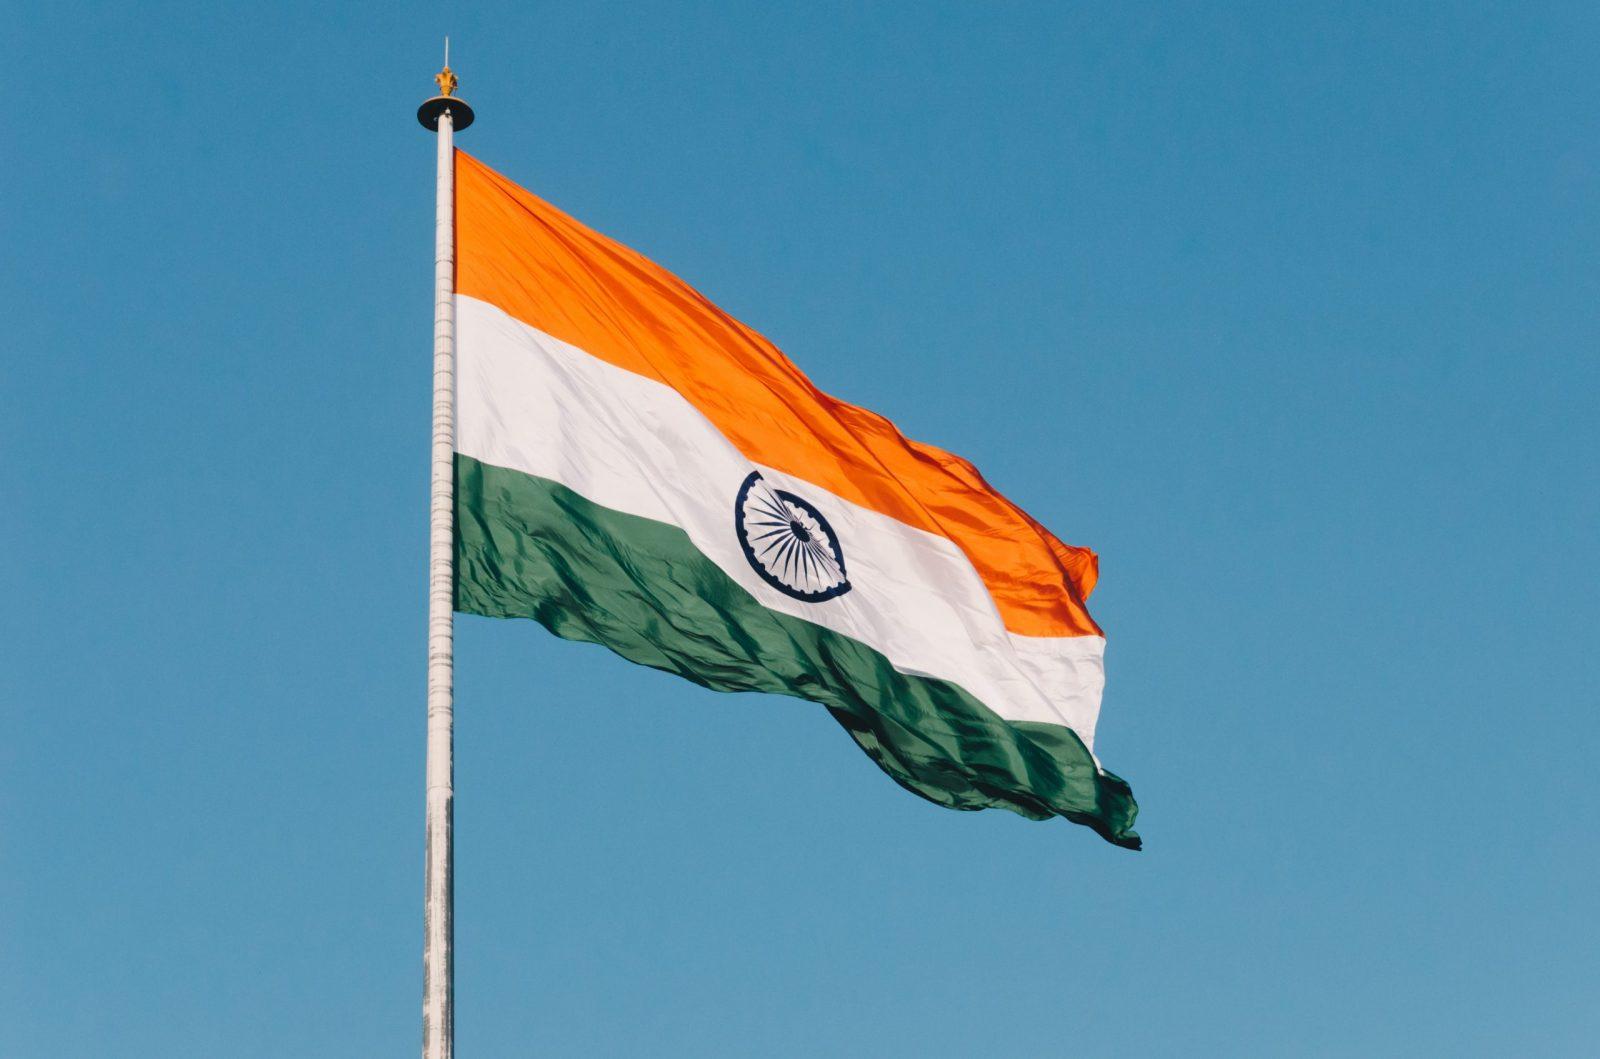 Coronavirus : L'Inde impose Aarogya Setu, une application de traçage numérique à des millions de personnes